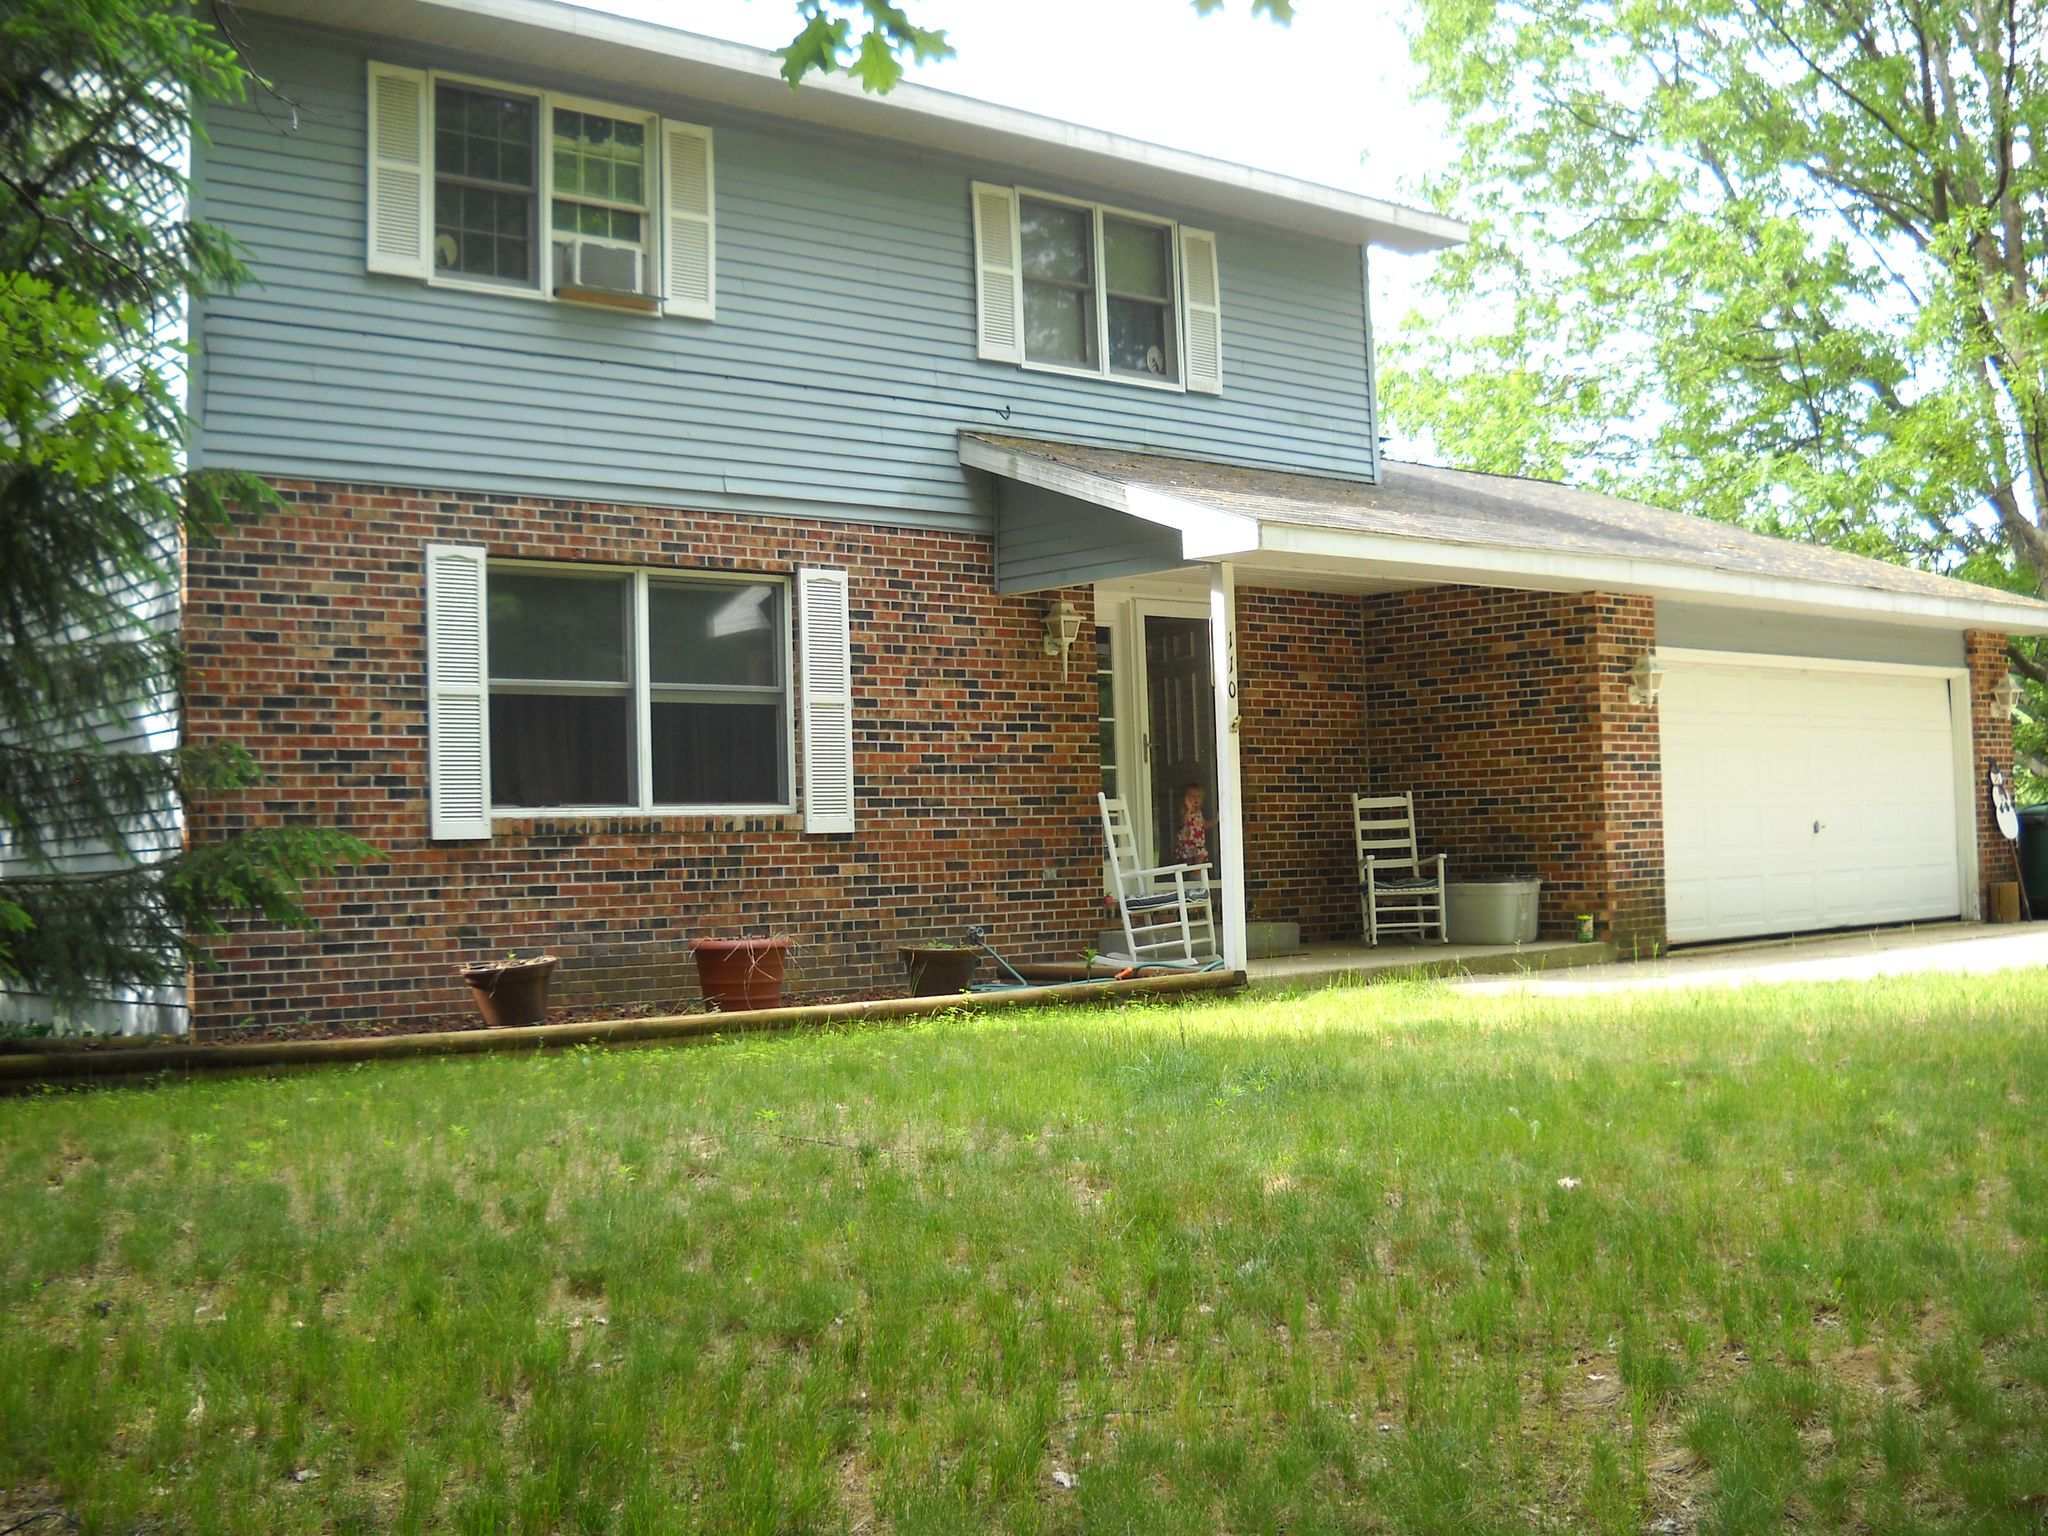 110 carpenter blvd roscommon mi 48653 estimate and home